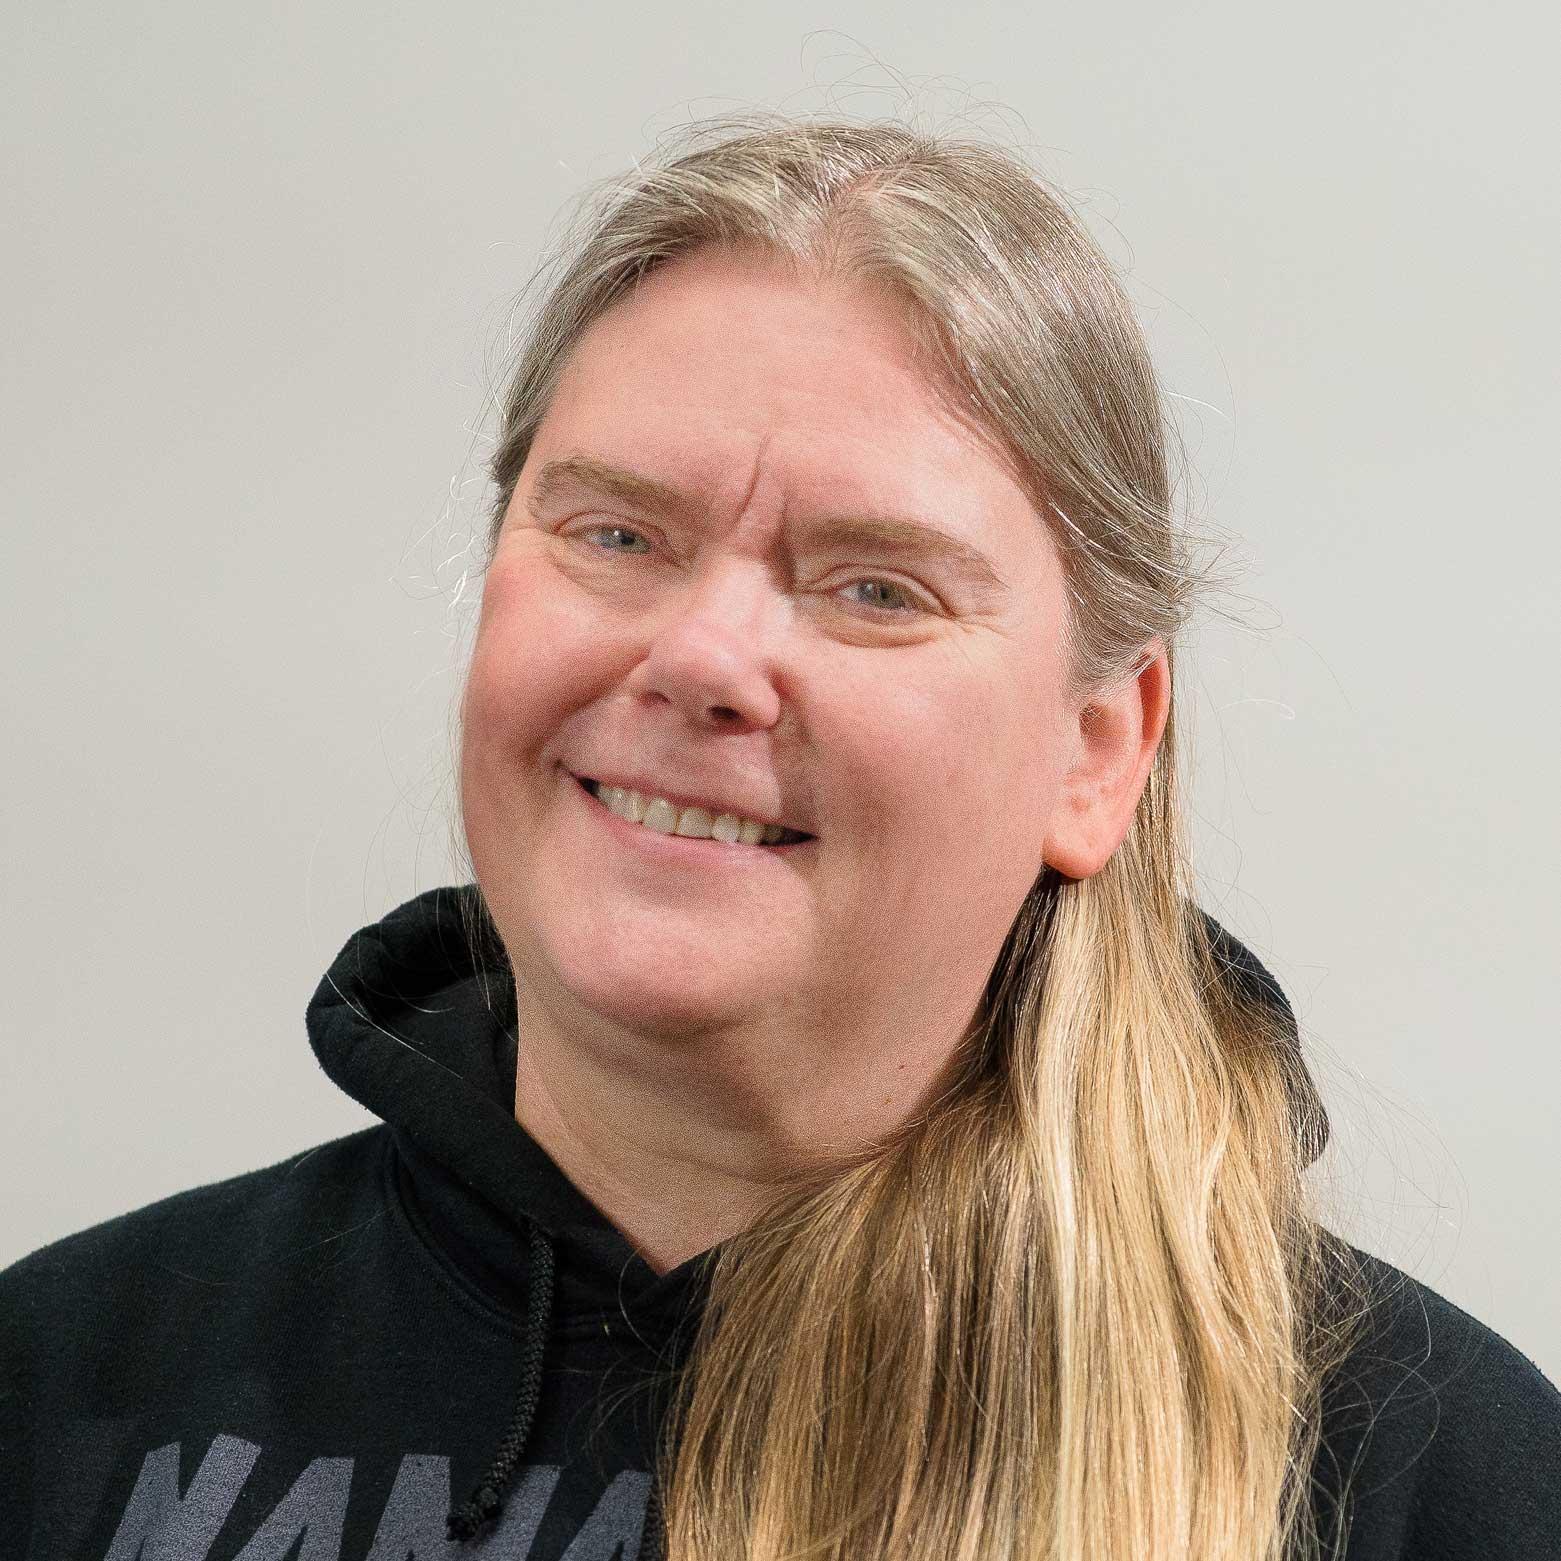 Heidi Dillehunt